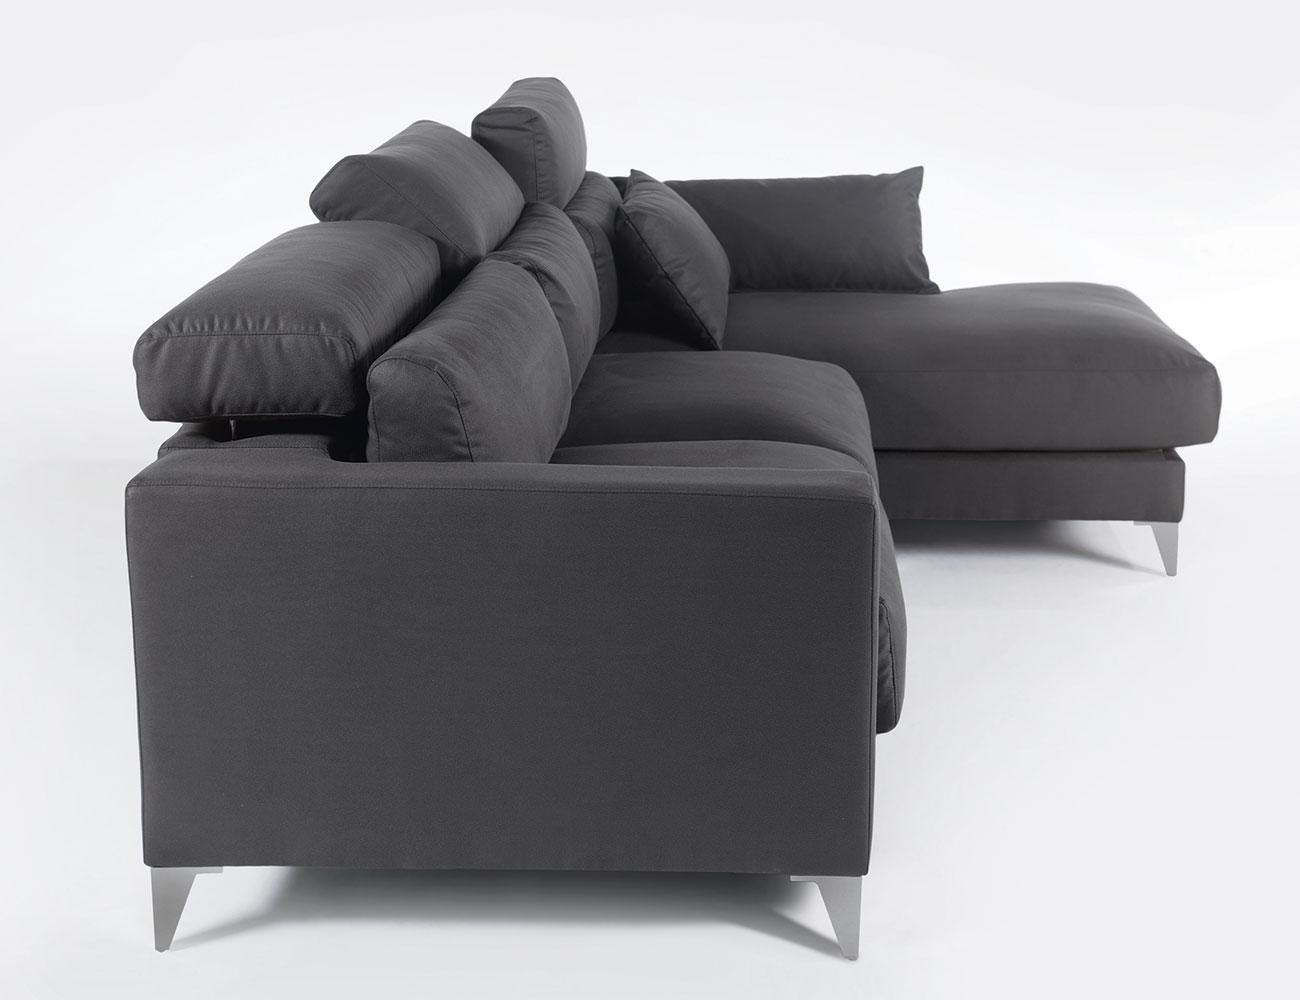 Sofa chaiselongue gran lujo decorativo grafito 143